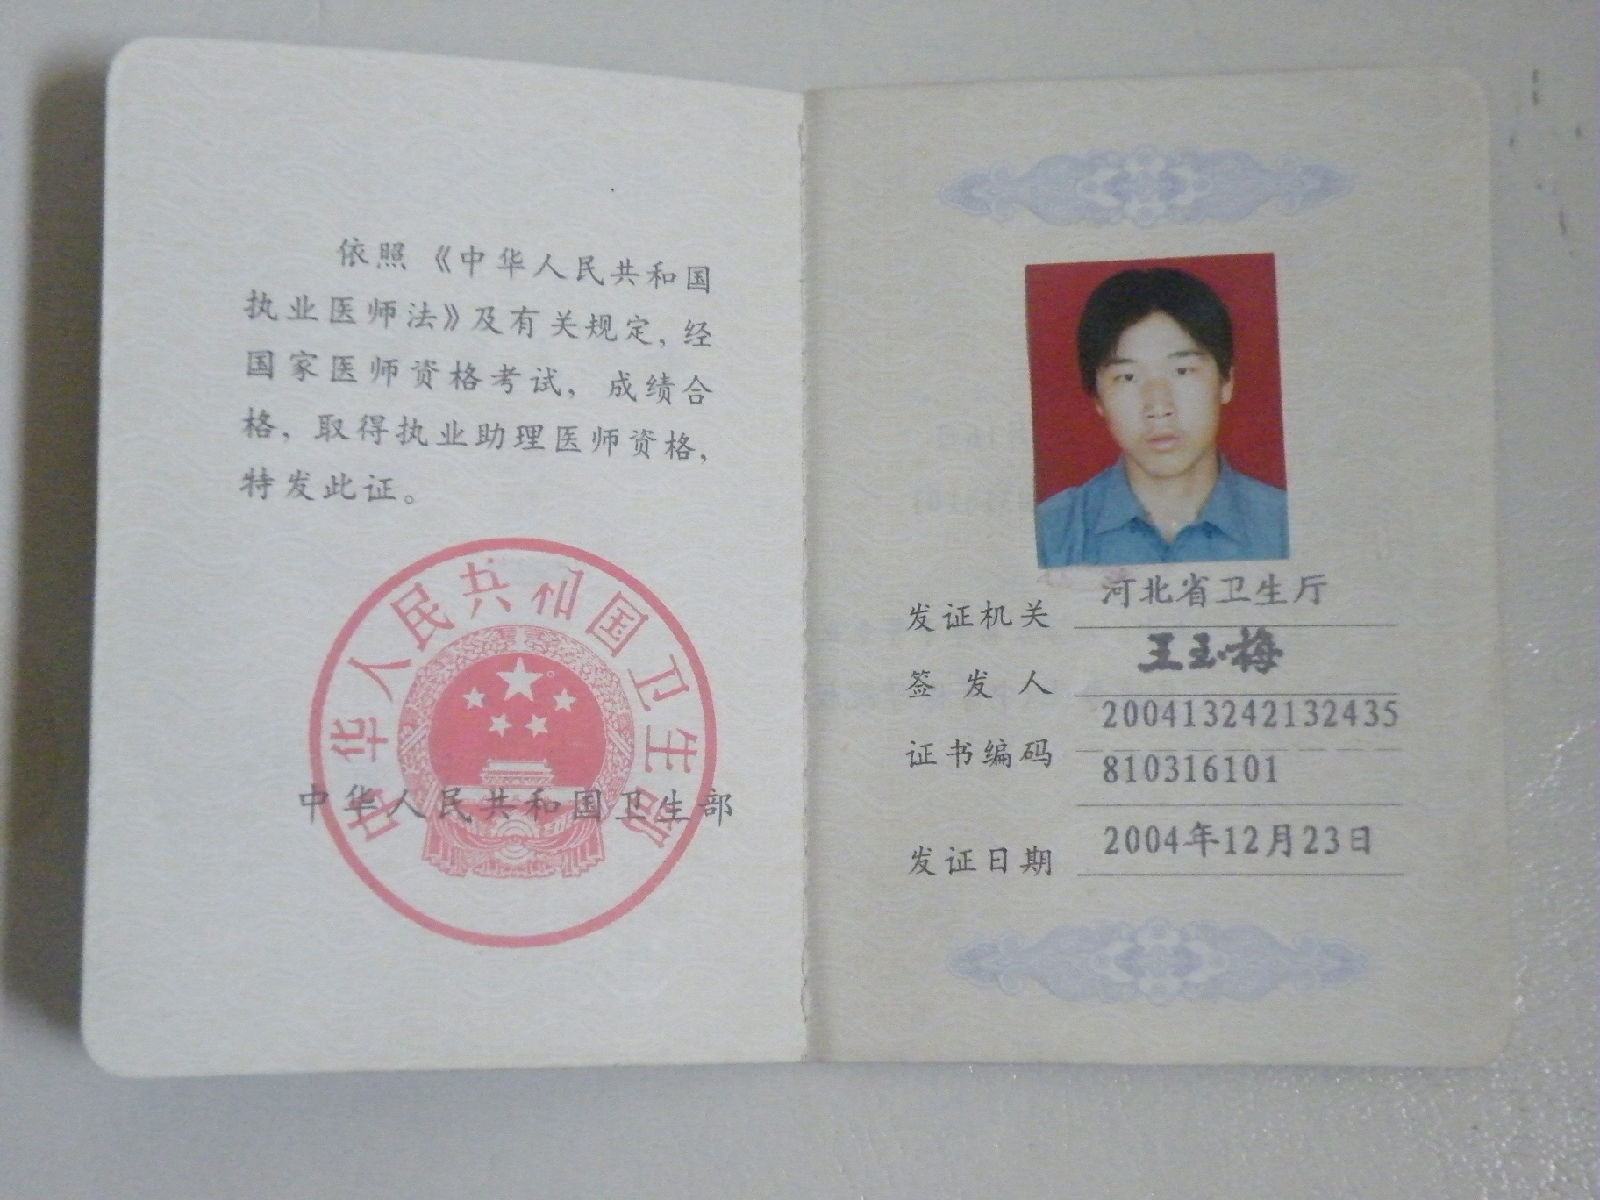 潘集黑社会李大军照片_淮南潘集黑社会人物图片